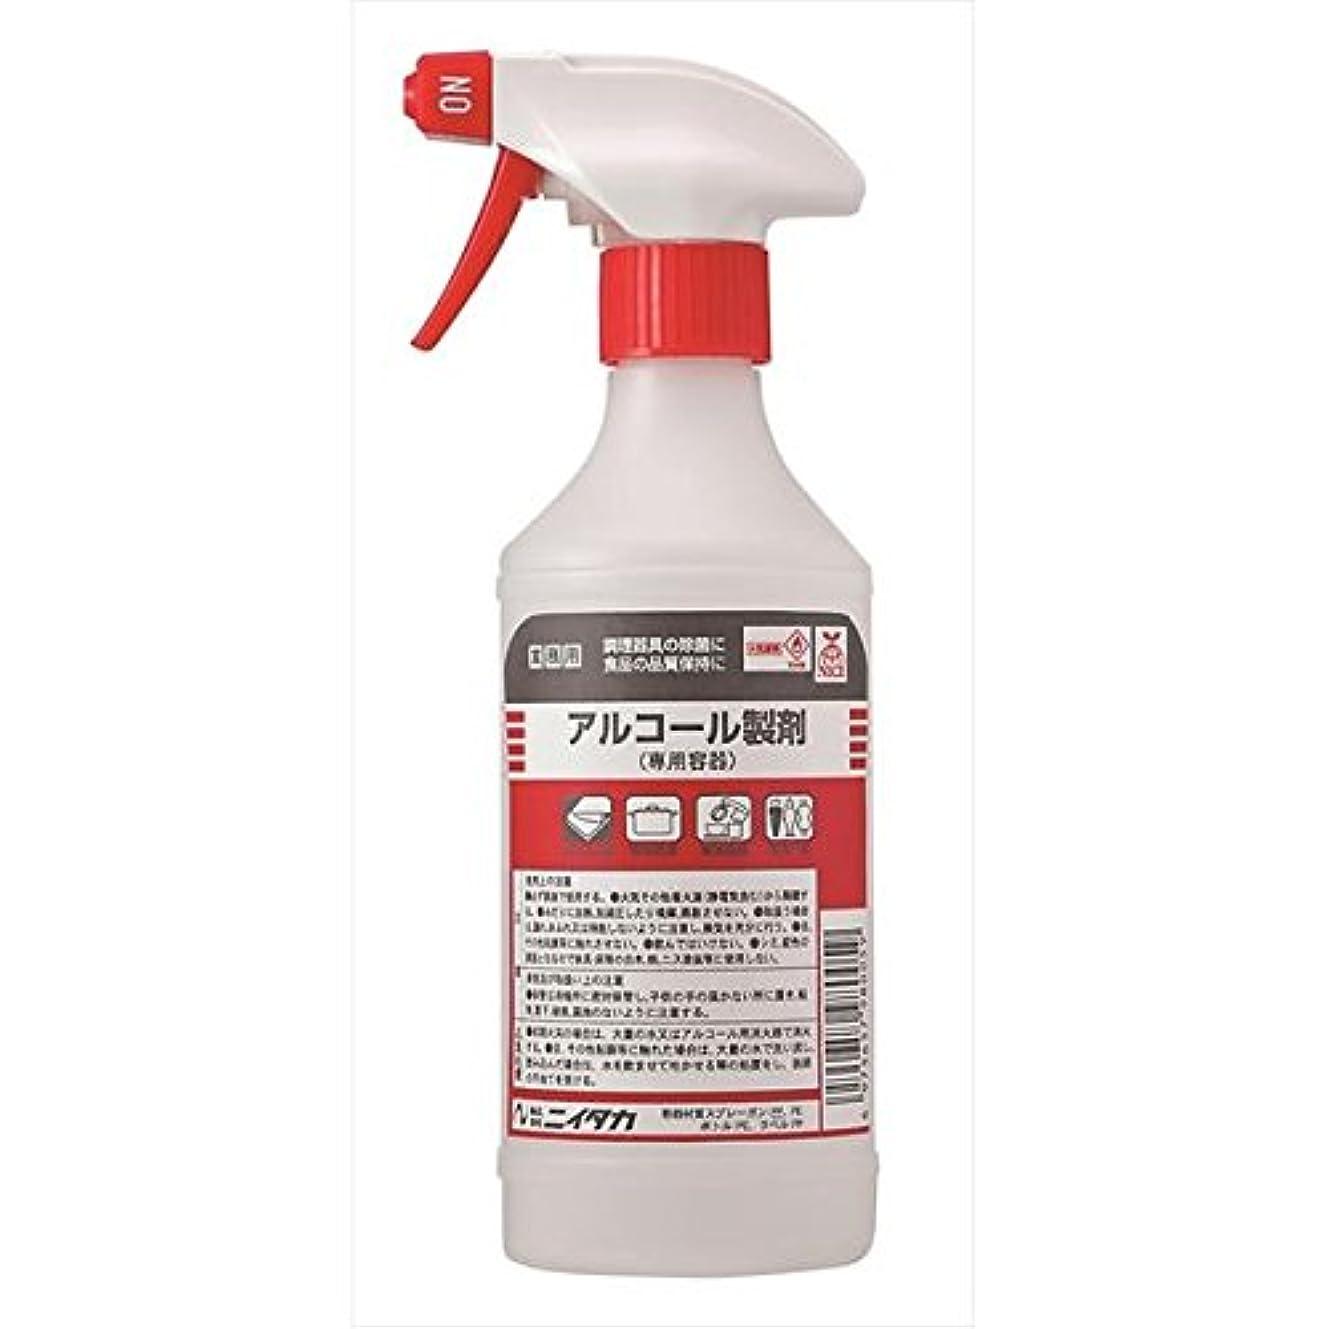 測定可能裏切り達成可能ニイタカ:アルコール製剤スプレーボトル 500ml×4 901127